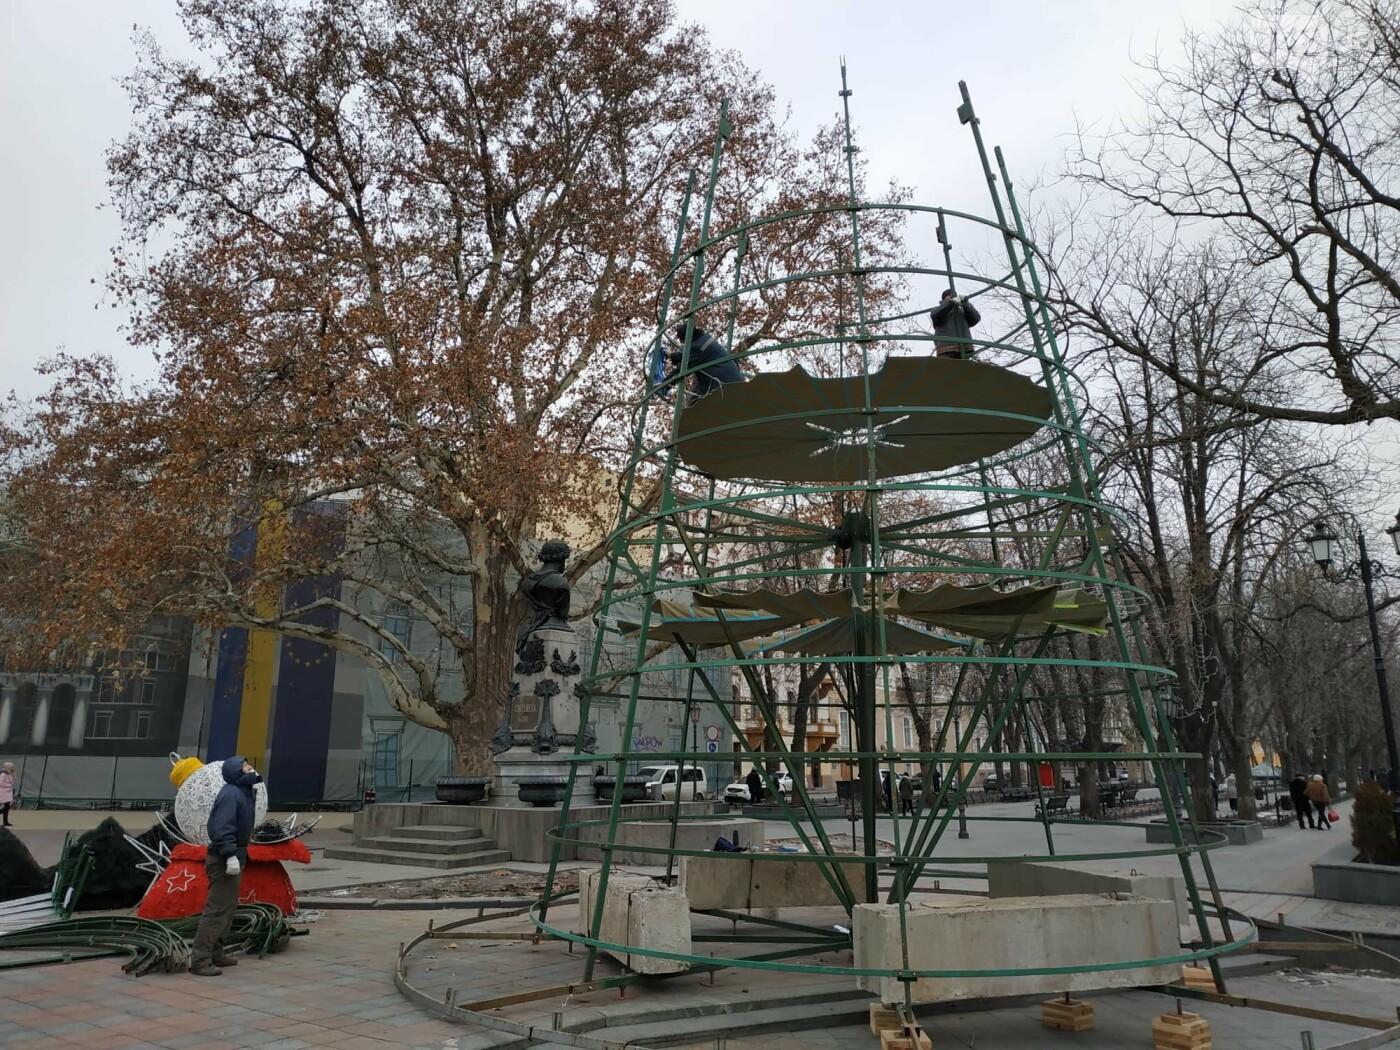 Праздники закончились: главную елку Одессы разбирают, - ФОТО, фото-11